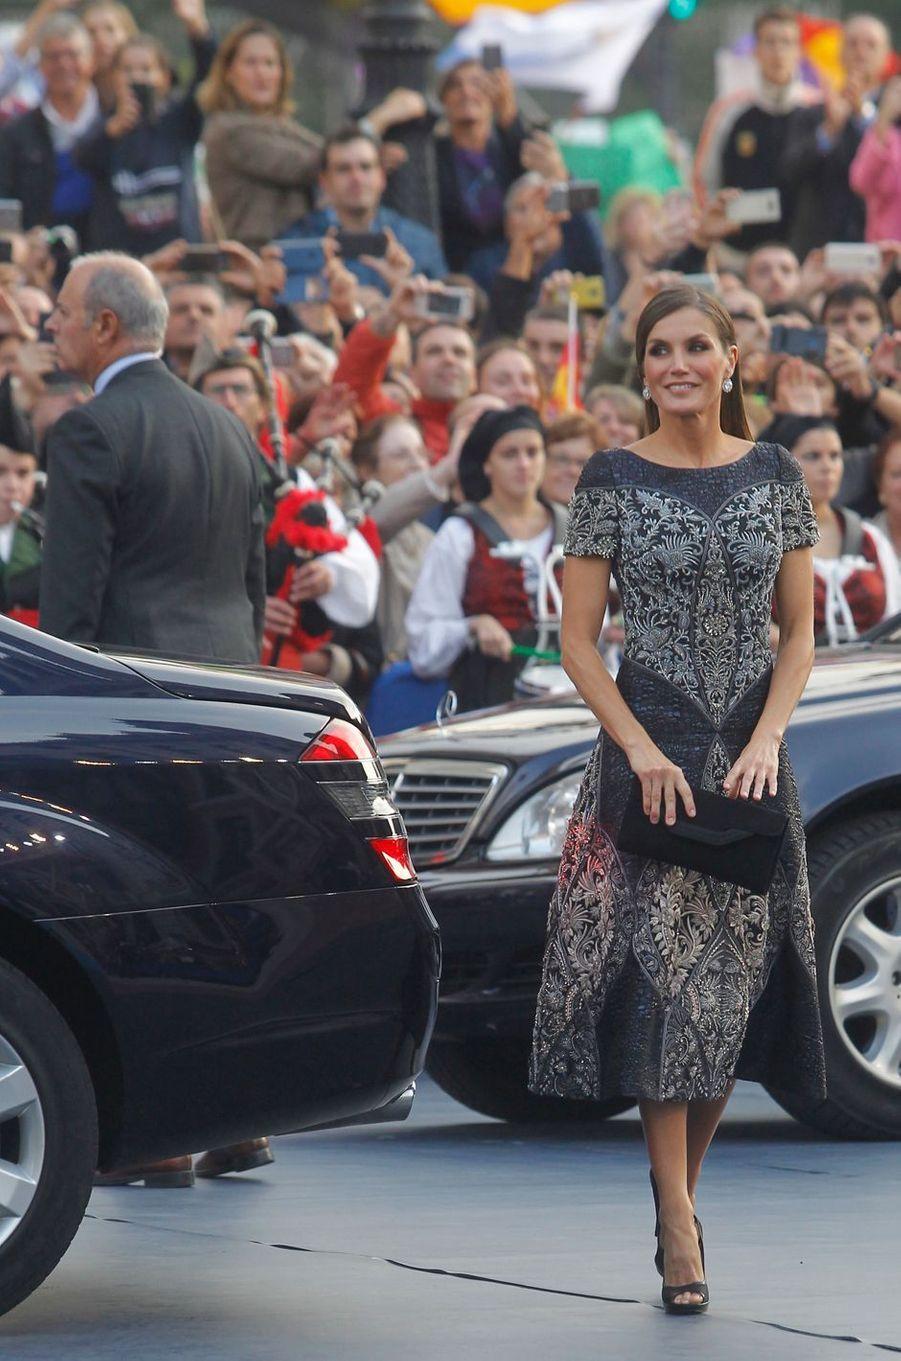 La reine Letizia d'Espagne arrive pour la remise du Prix des Asturies 2018 à Oviedo, le 19 octobre 2018